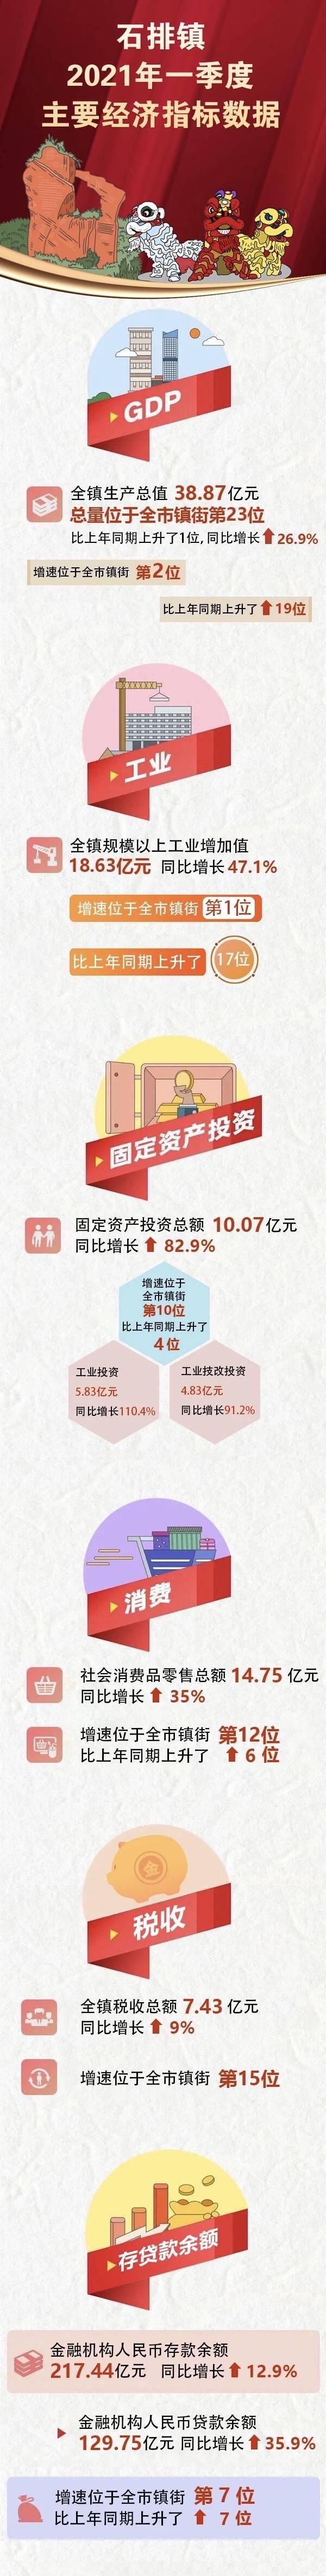 """东莞gdp增速_GDP增速全市第二!东莞石排第一季度经济实现""""开门红"""""""